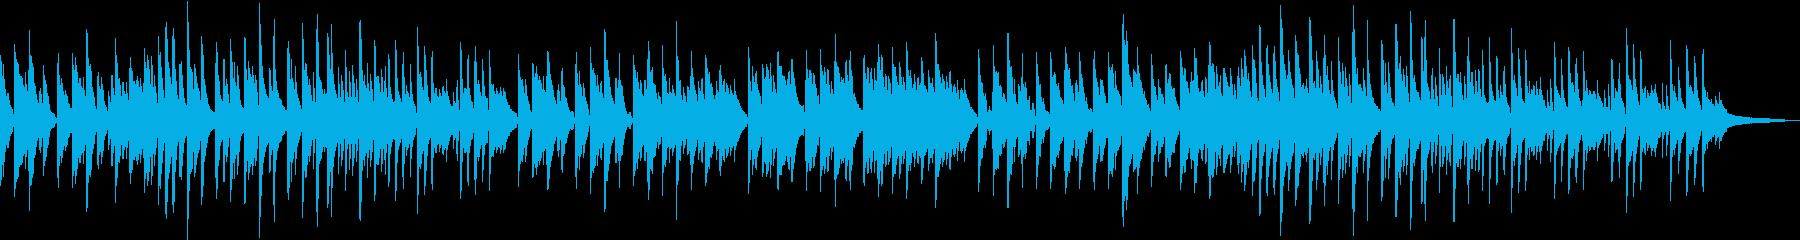 美しく悲しいピアノバラード曲の再生済みの波形